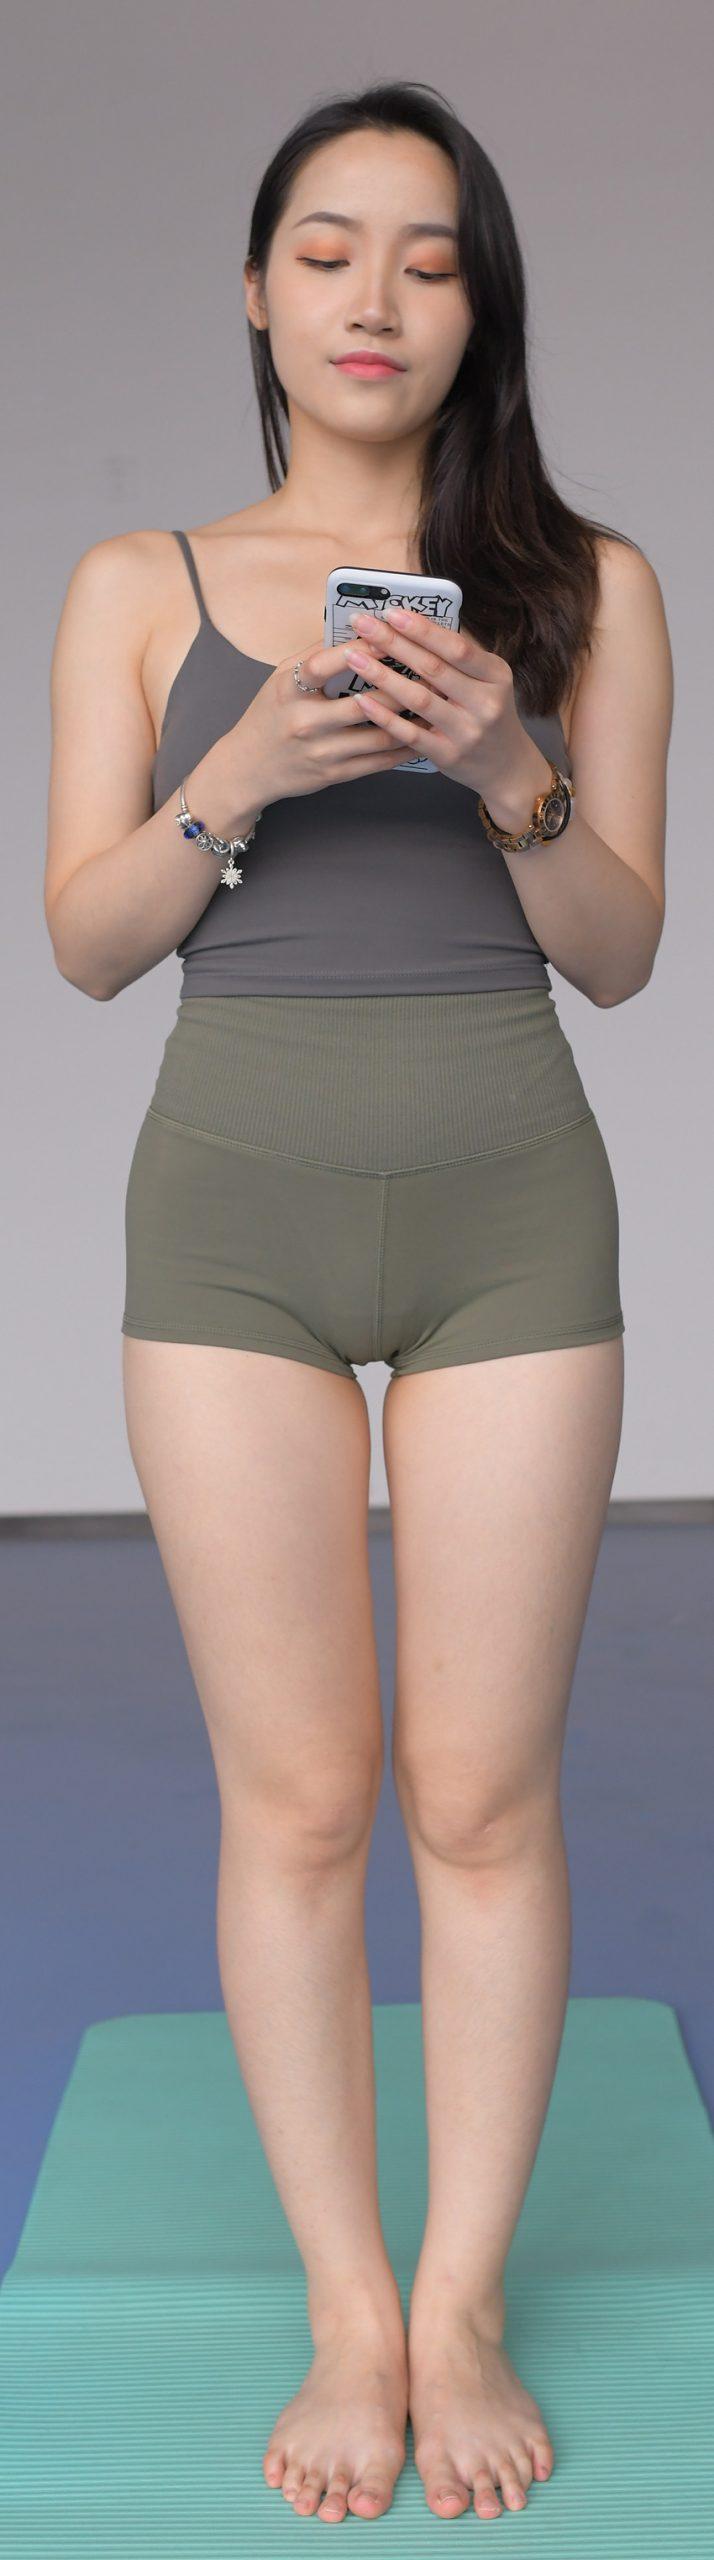 军绿色热裤 (套图+视频)